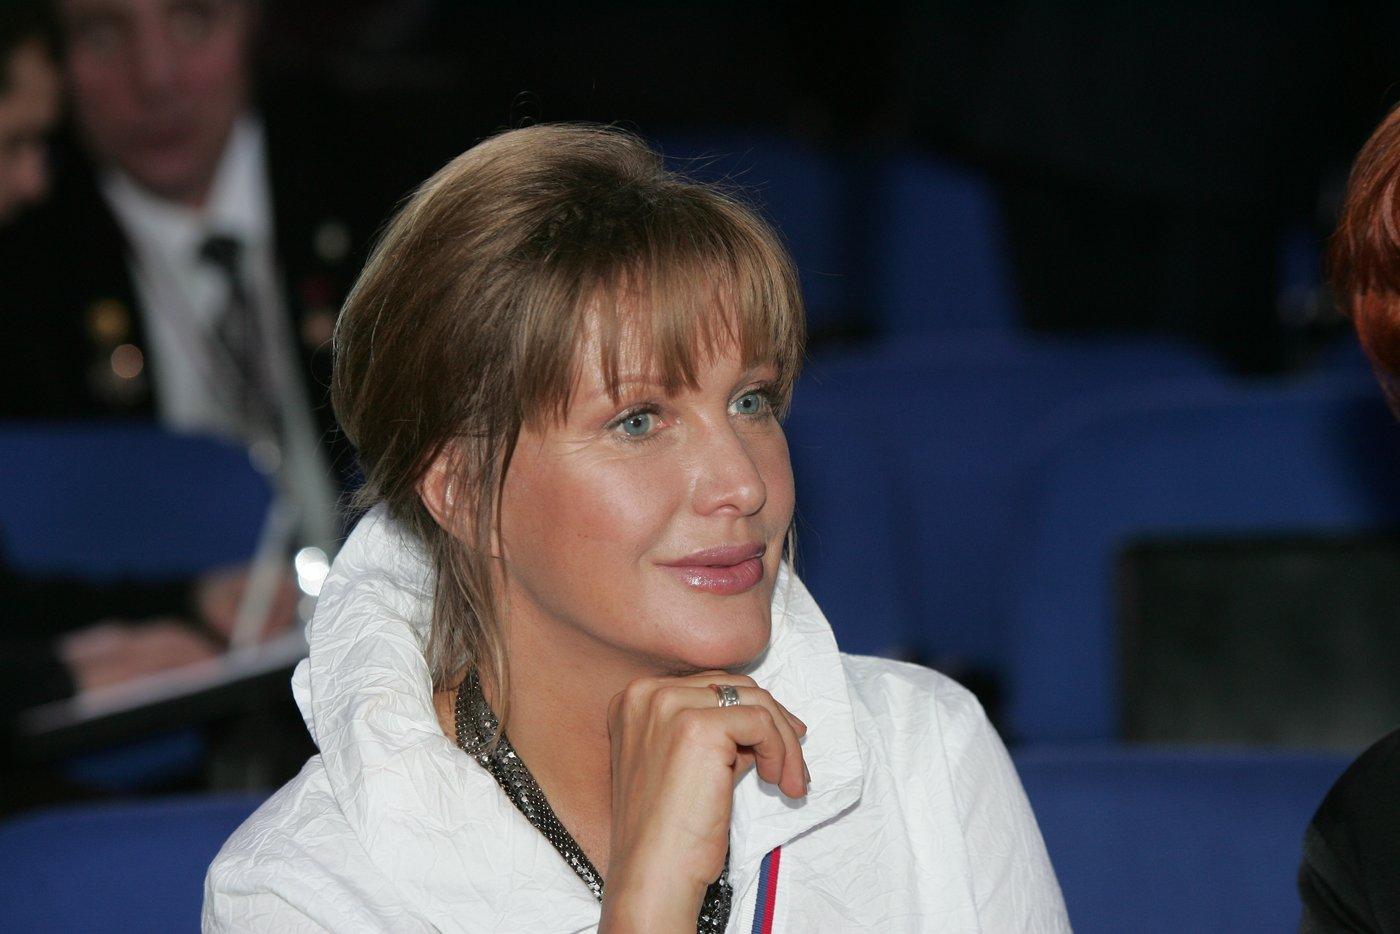 Елена Проклова: биография, личная жизнь, дети, муж фото